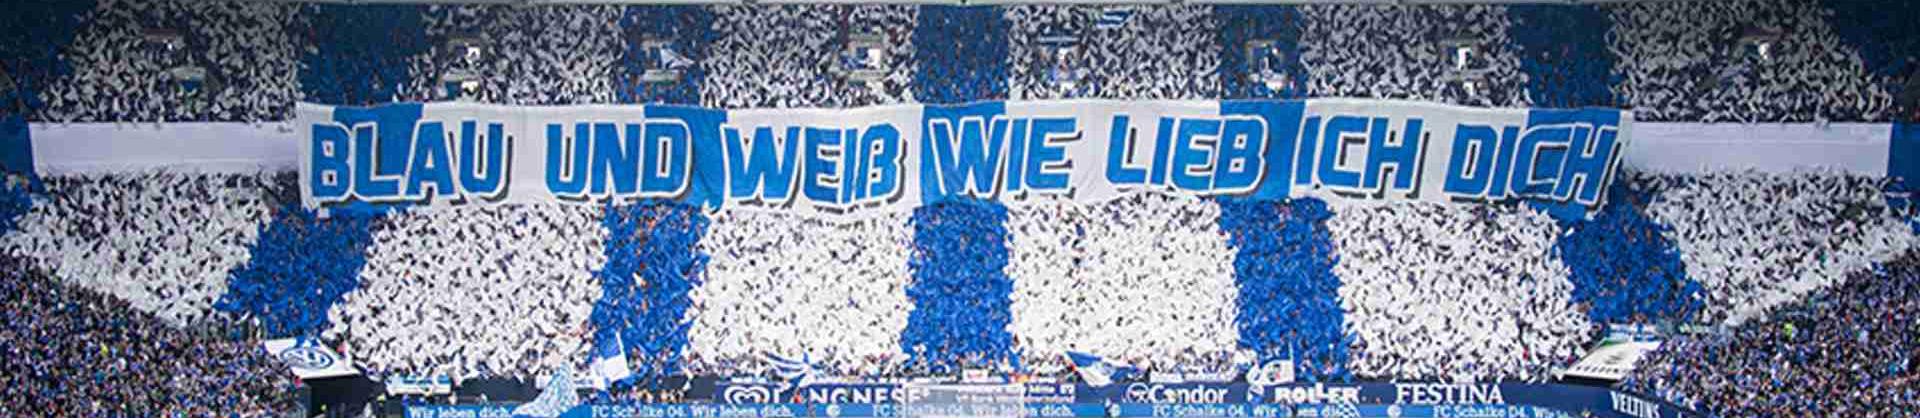 Fanfreundschaft zwischen Schalke 04 und dem 1. FC Nürnberg